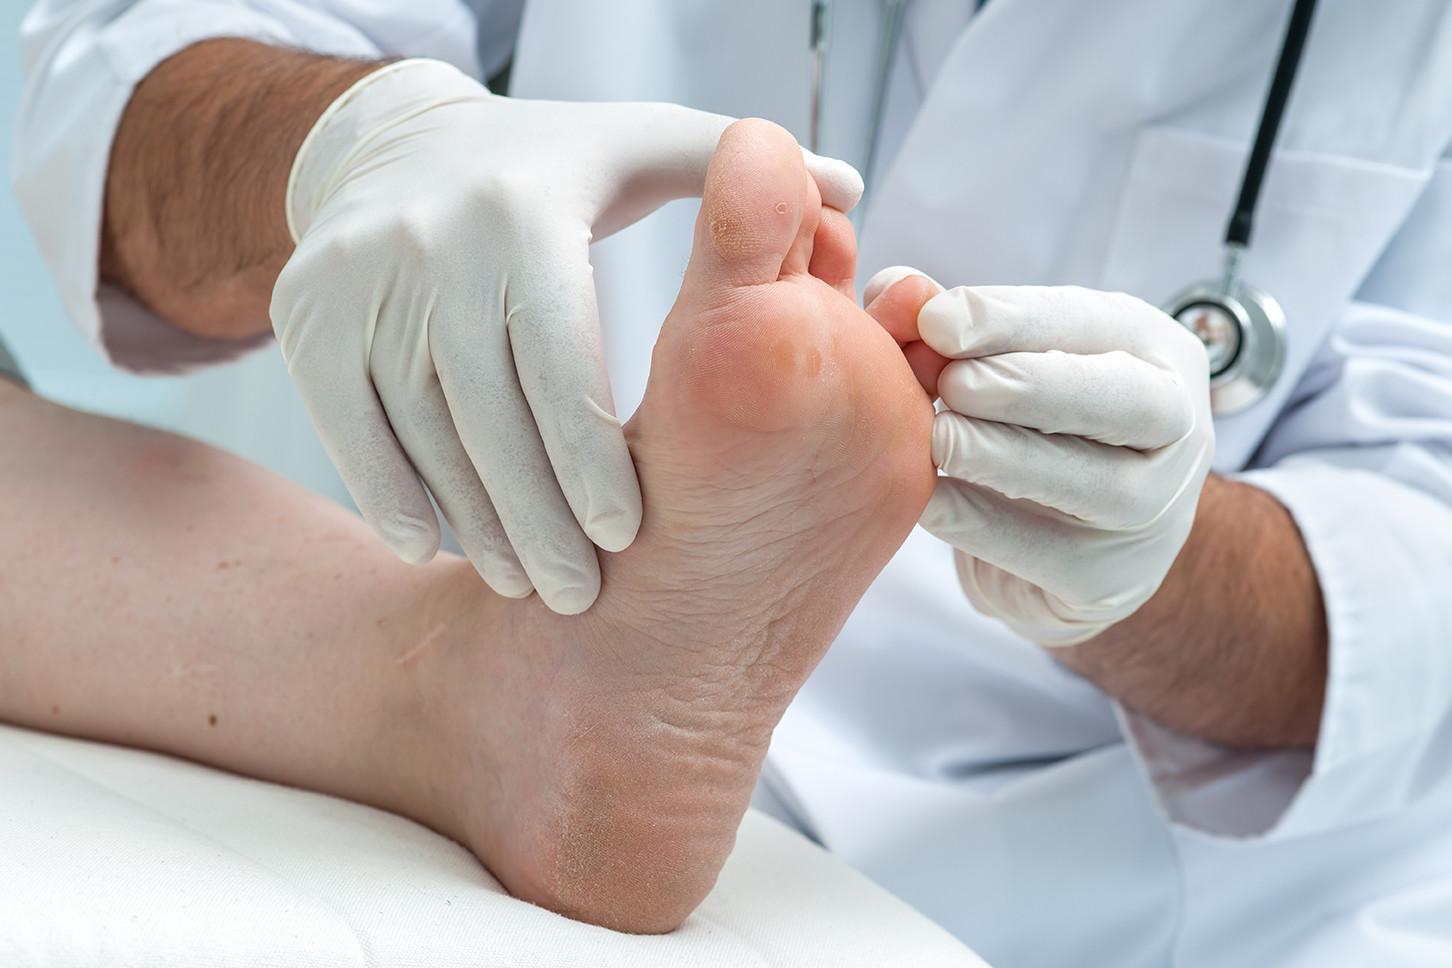 Diagnosis of diabetic foot